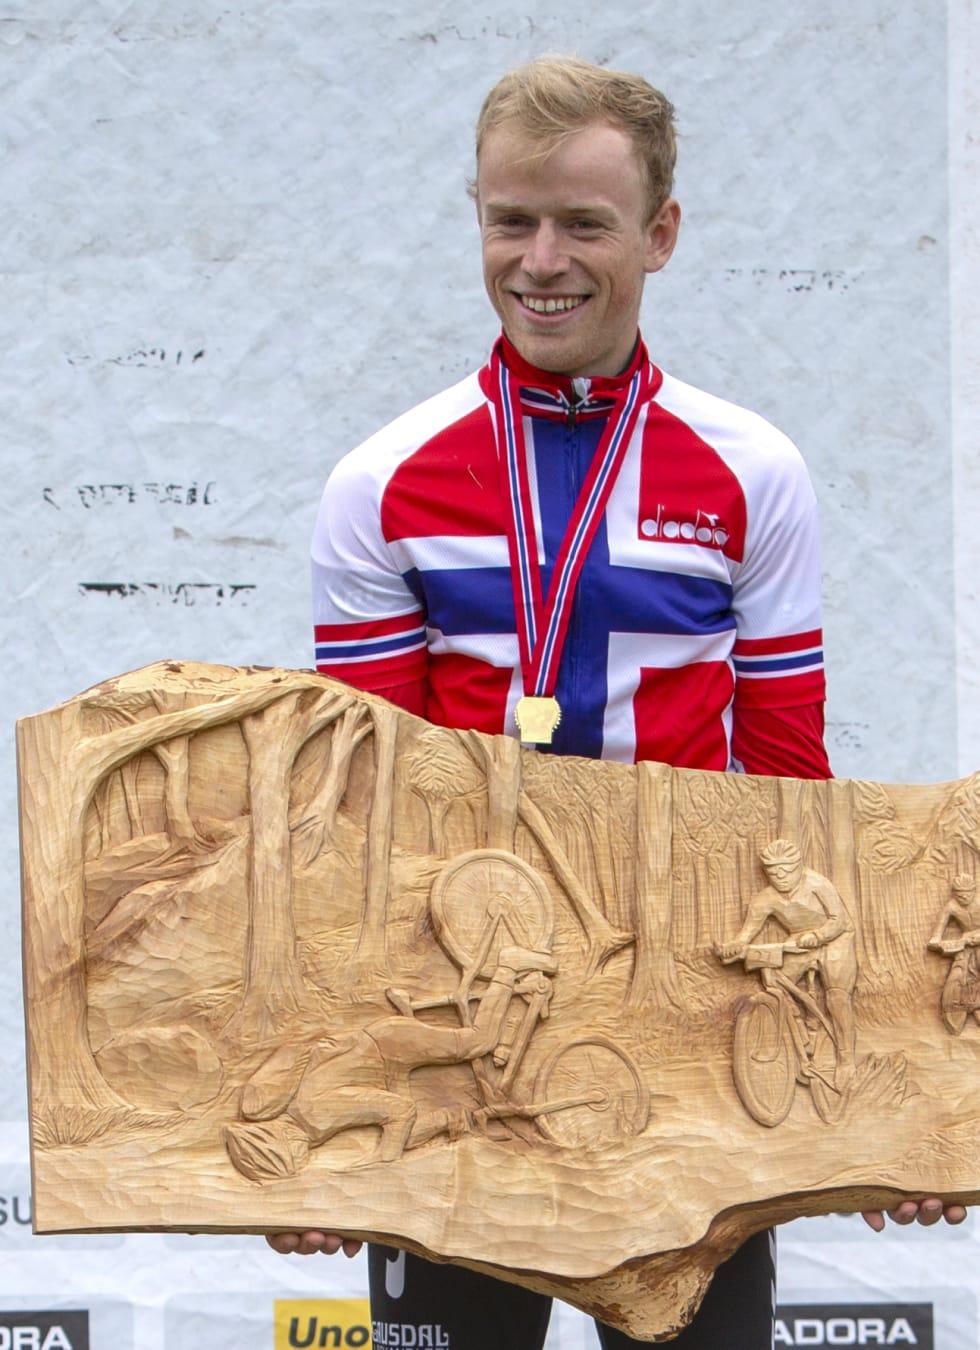 Ole Hem tok sitt første NM-gull på seniornivå under Å i Heiane i fjor. Det vil han forsvare i år. Foto: Arrangøren